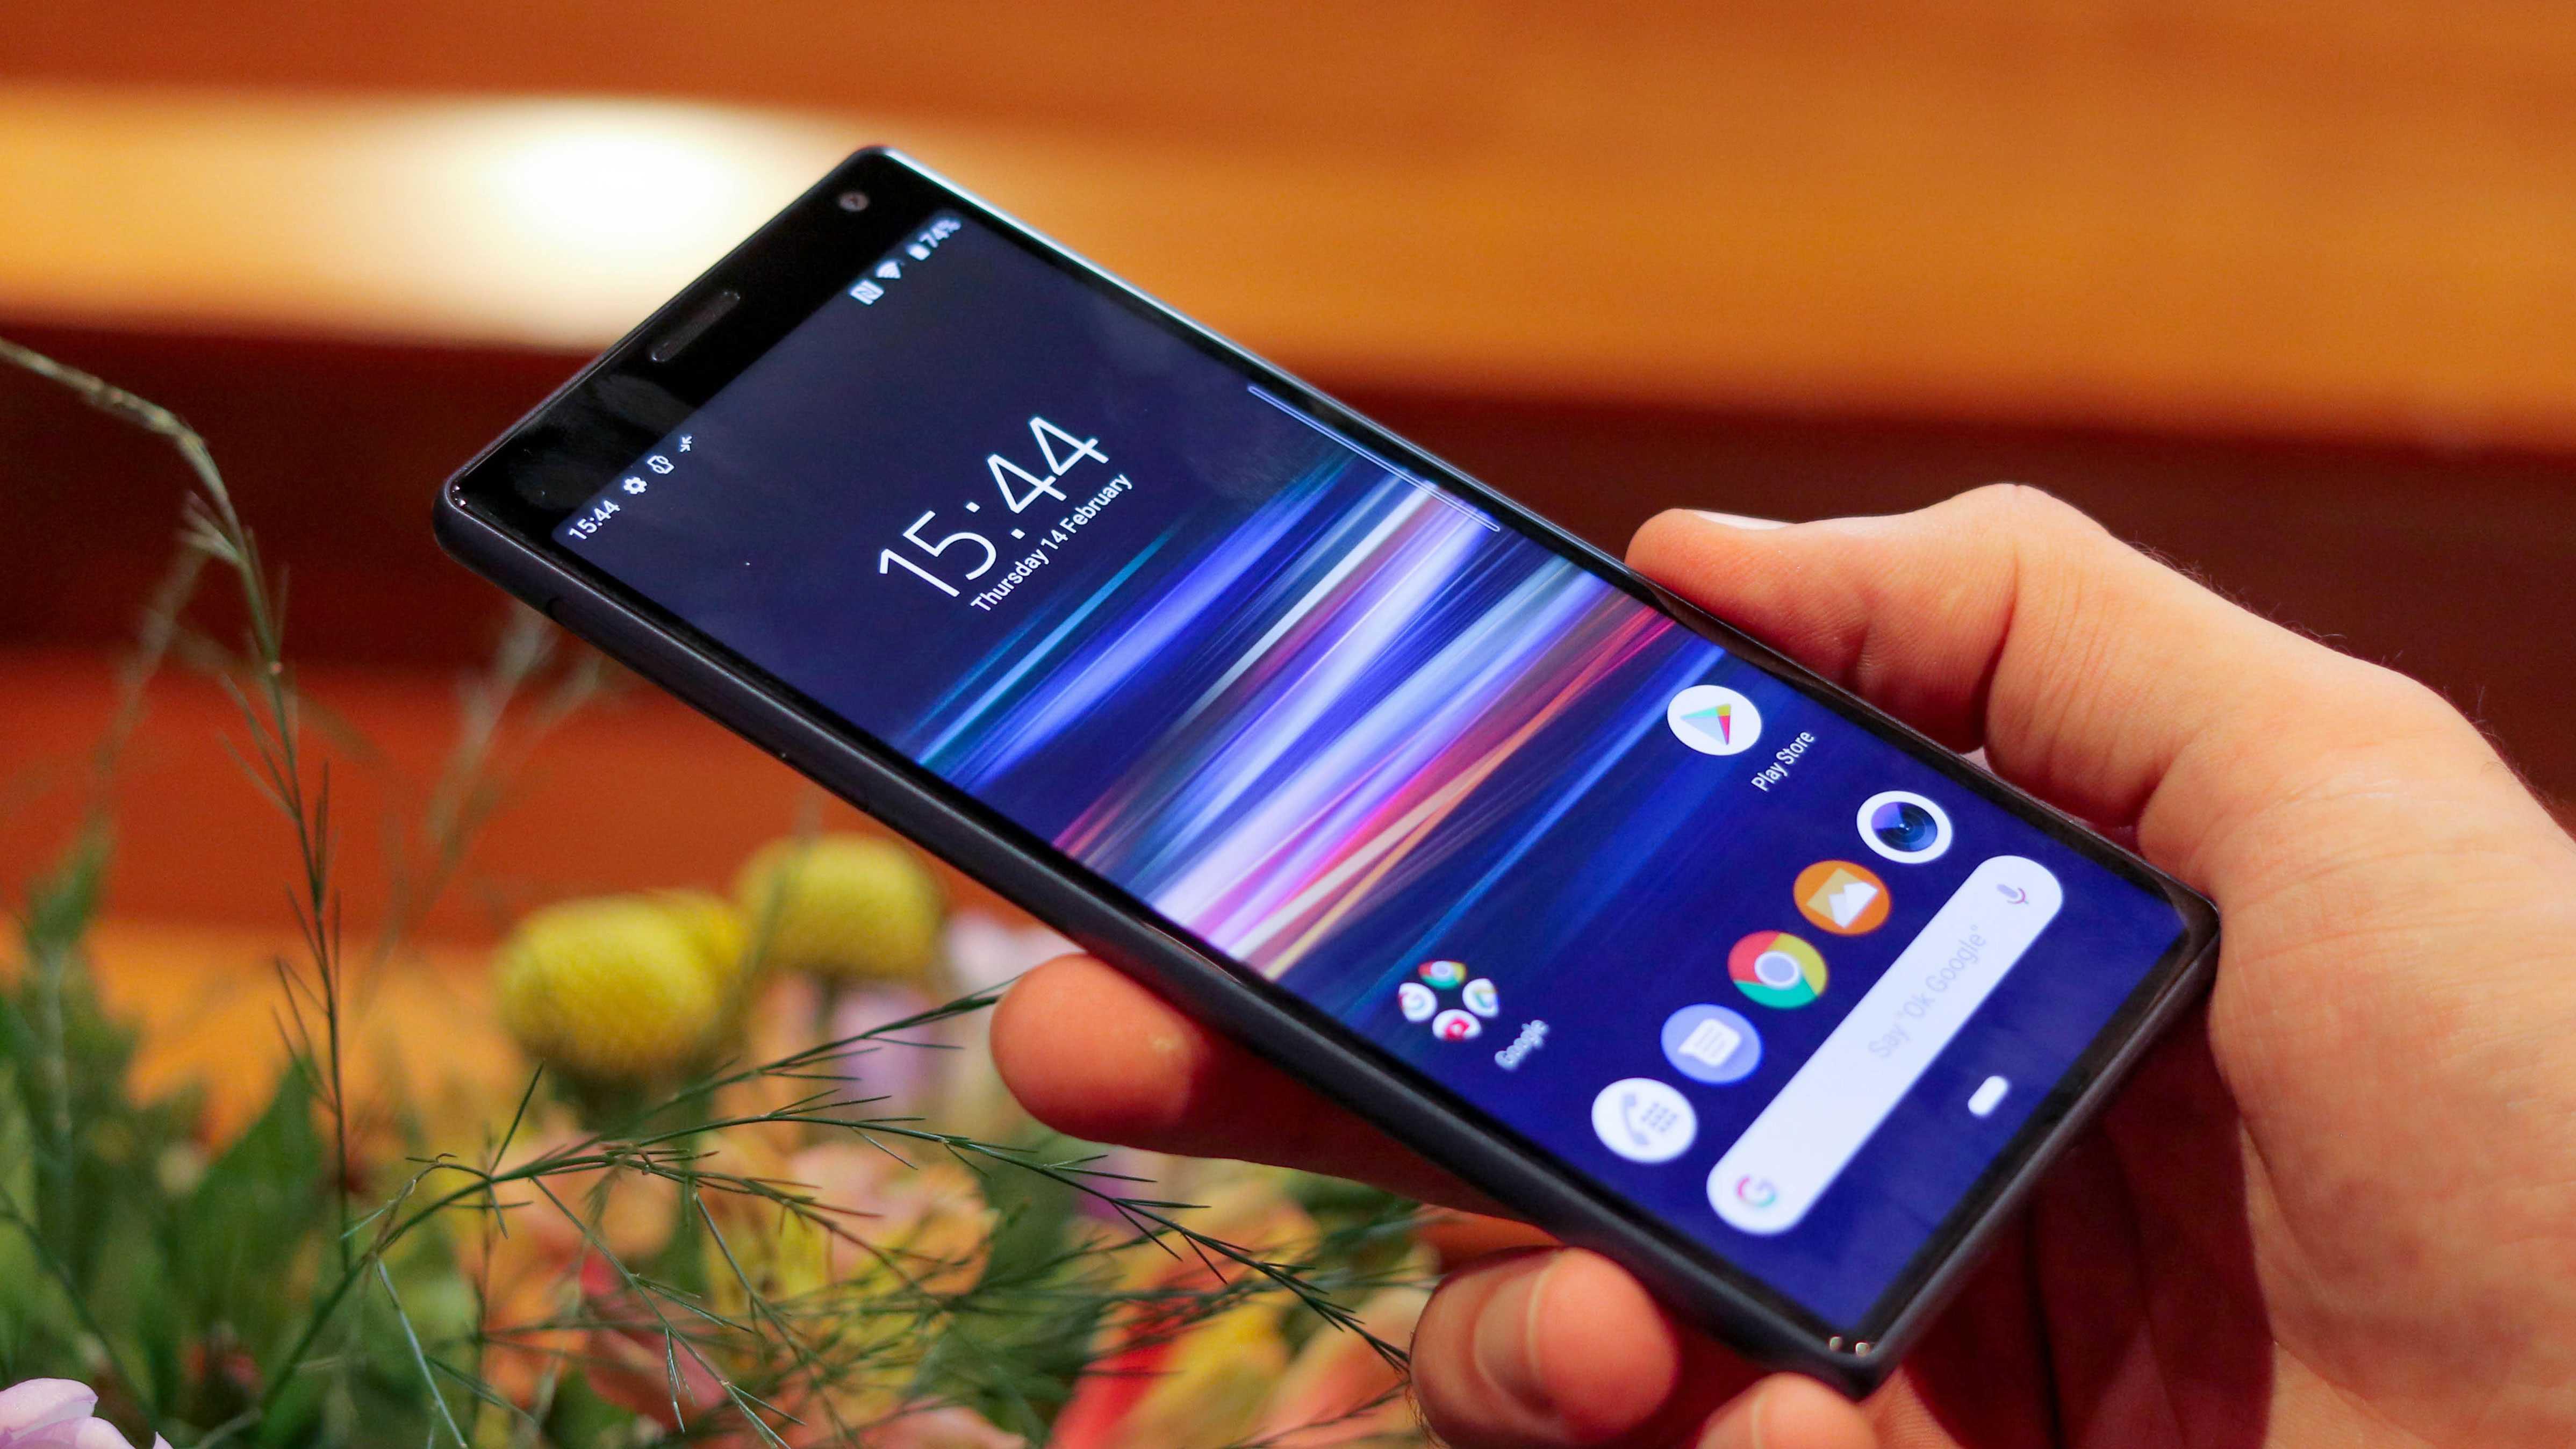 10 лучших смартфонов sony - рейтинг 2020